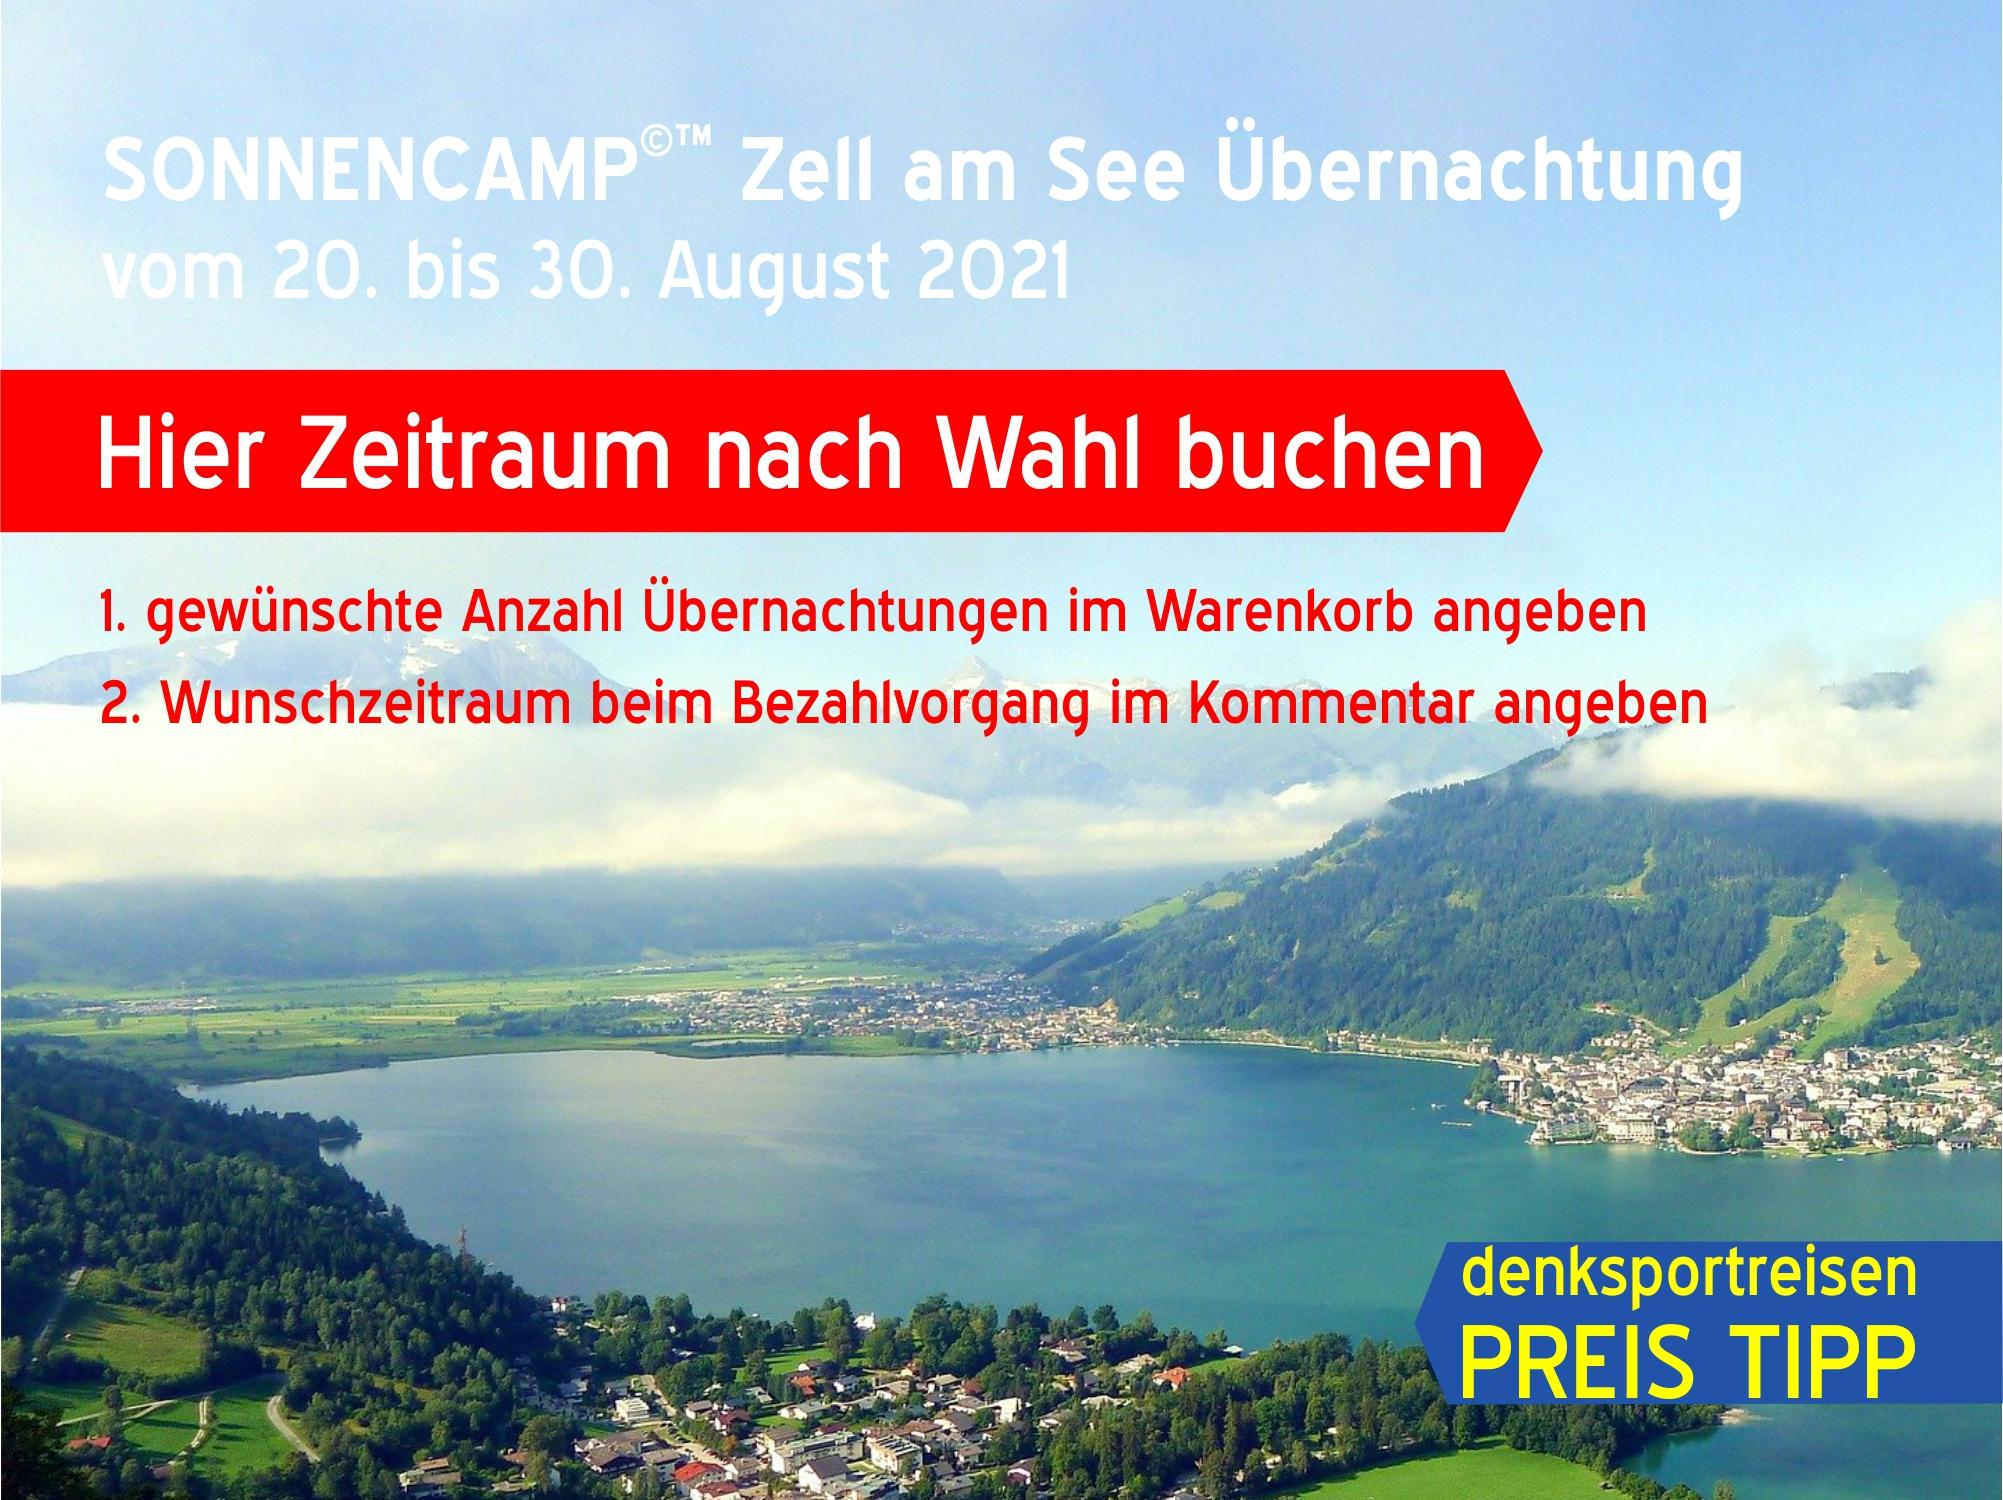 SONNENCAMP©™ Zell am See - Einzelbaustein Übernachtung   3.5* Hotel   Preis pro Person pro Nacht